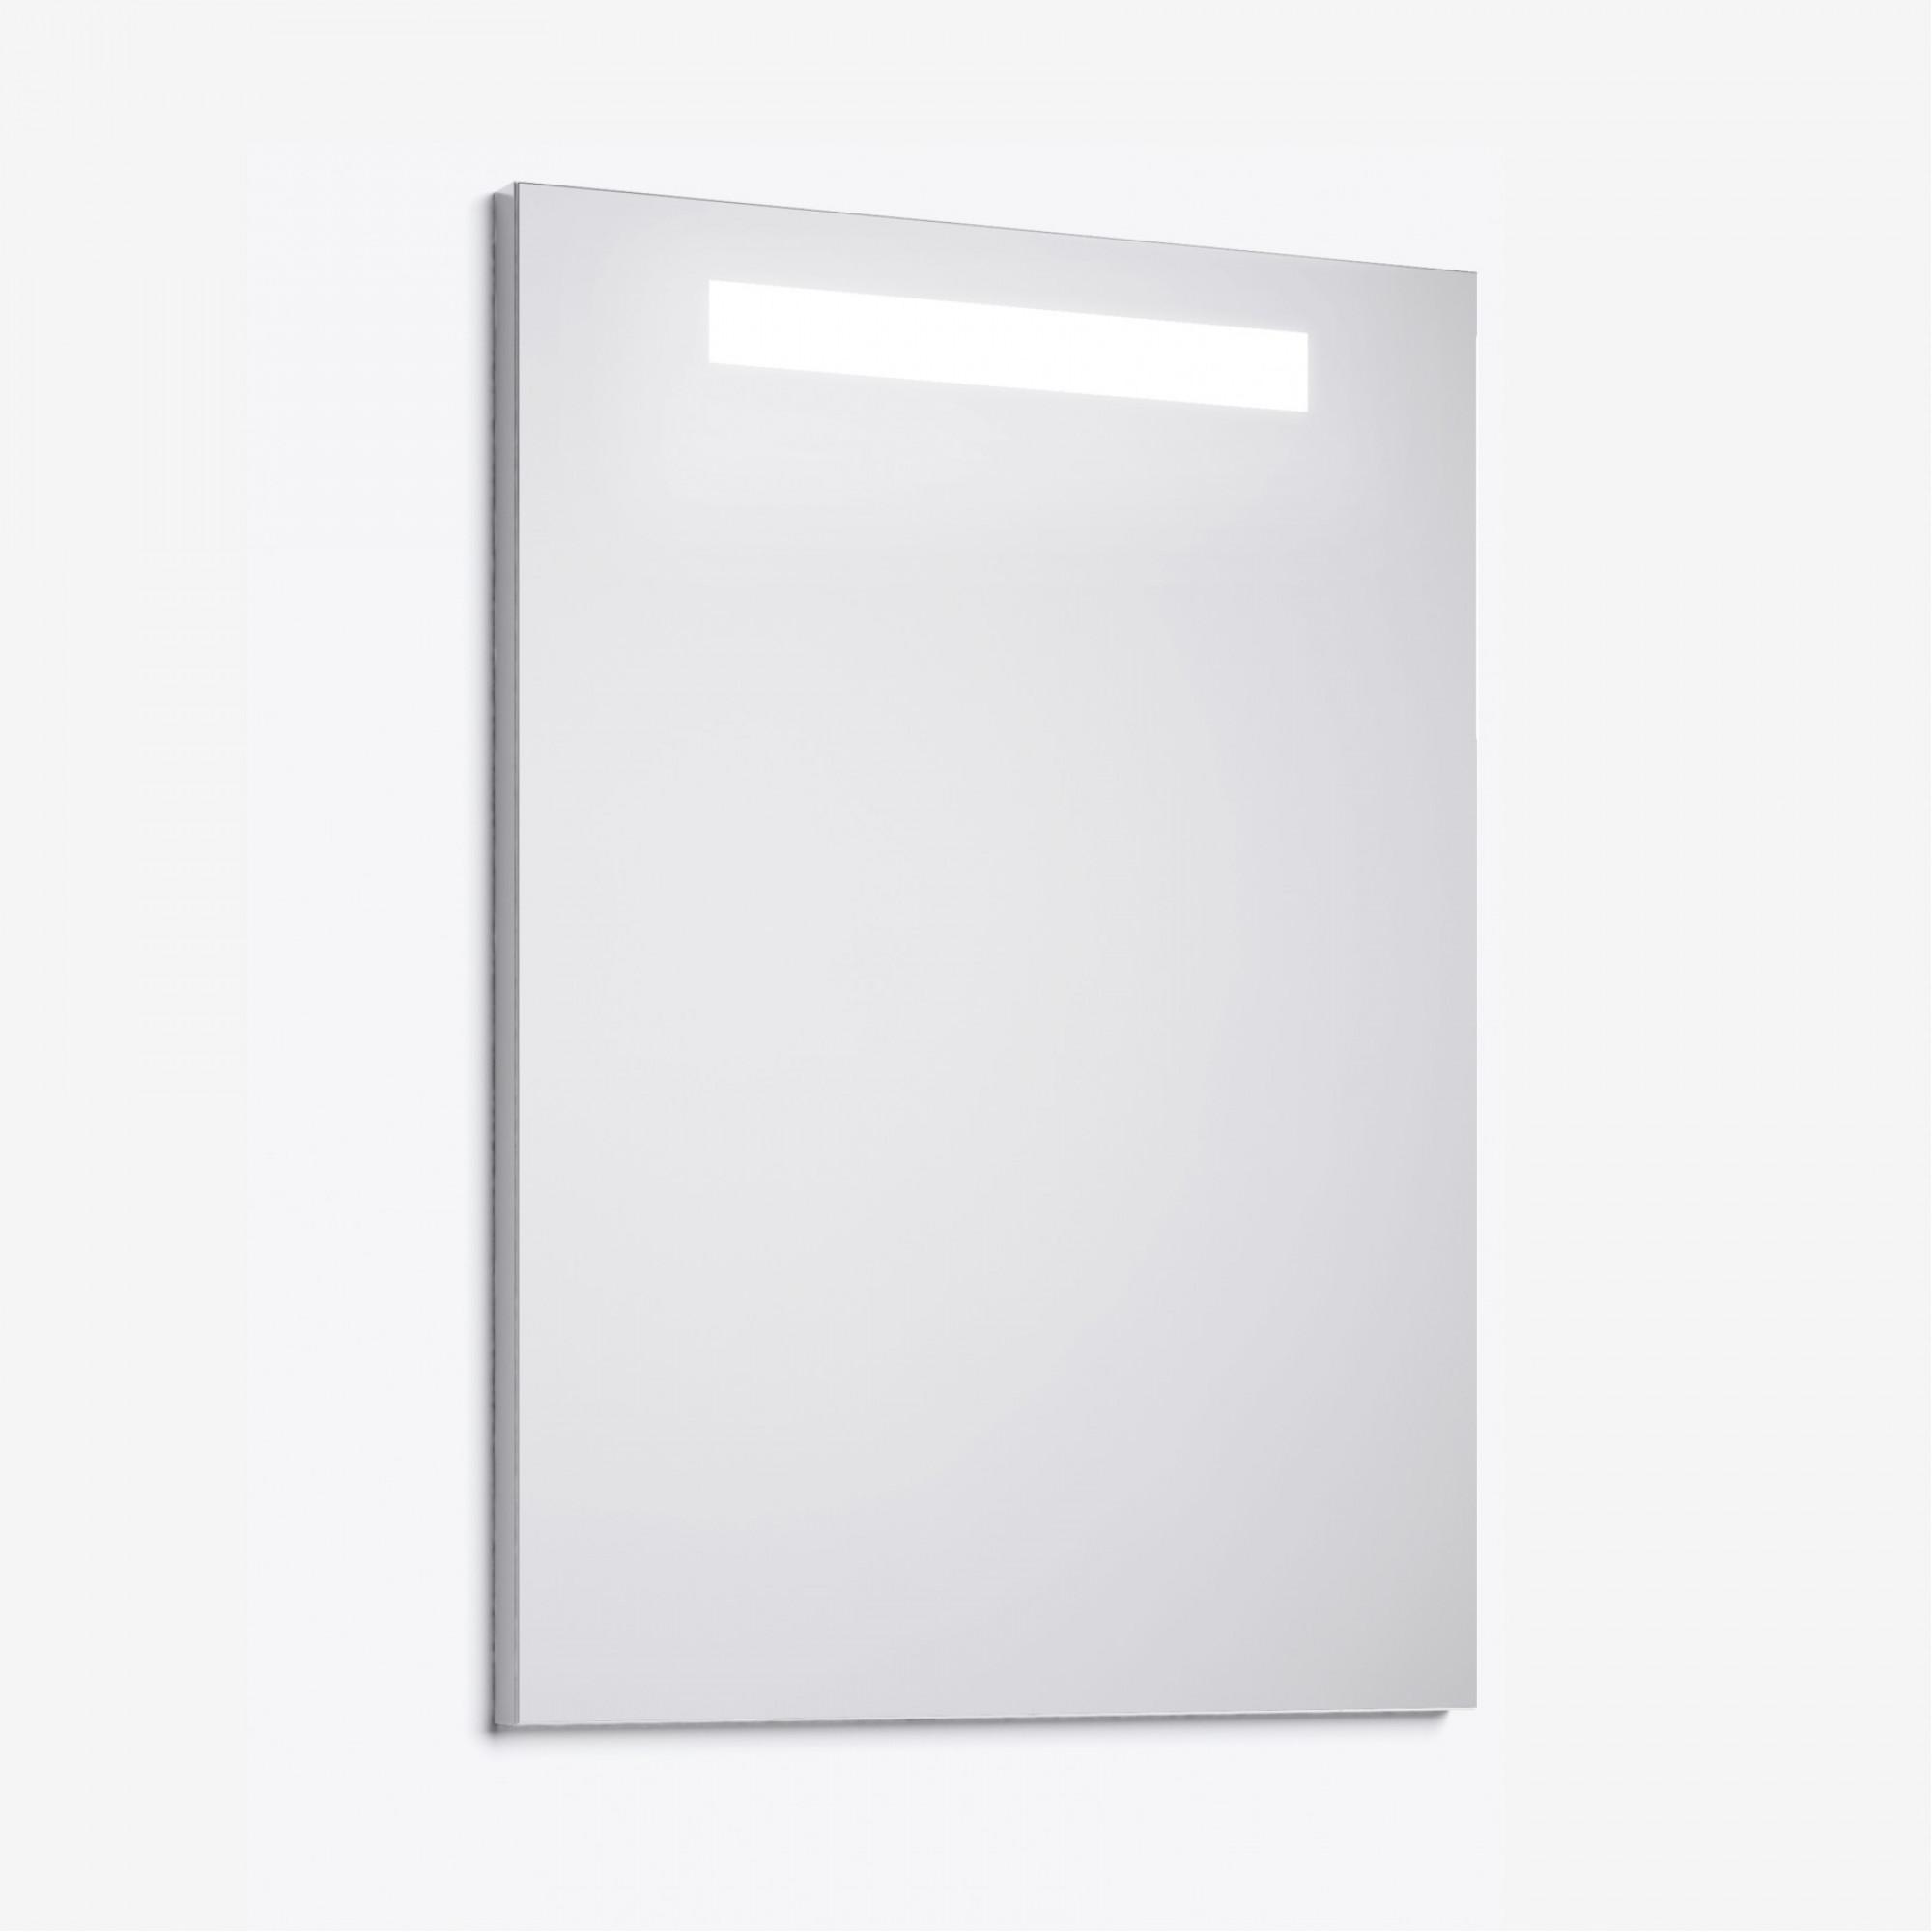 Зеркало с подсветкой Эстель 600 +4 190 руб.